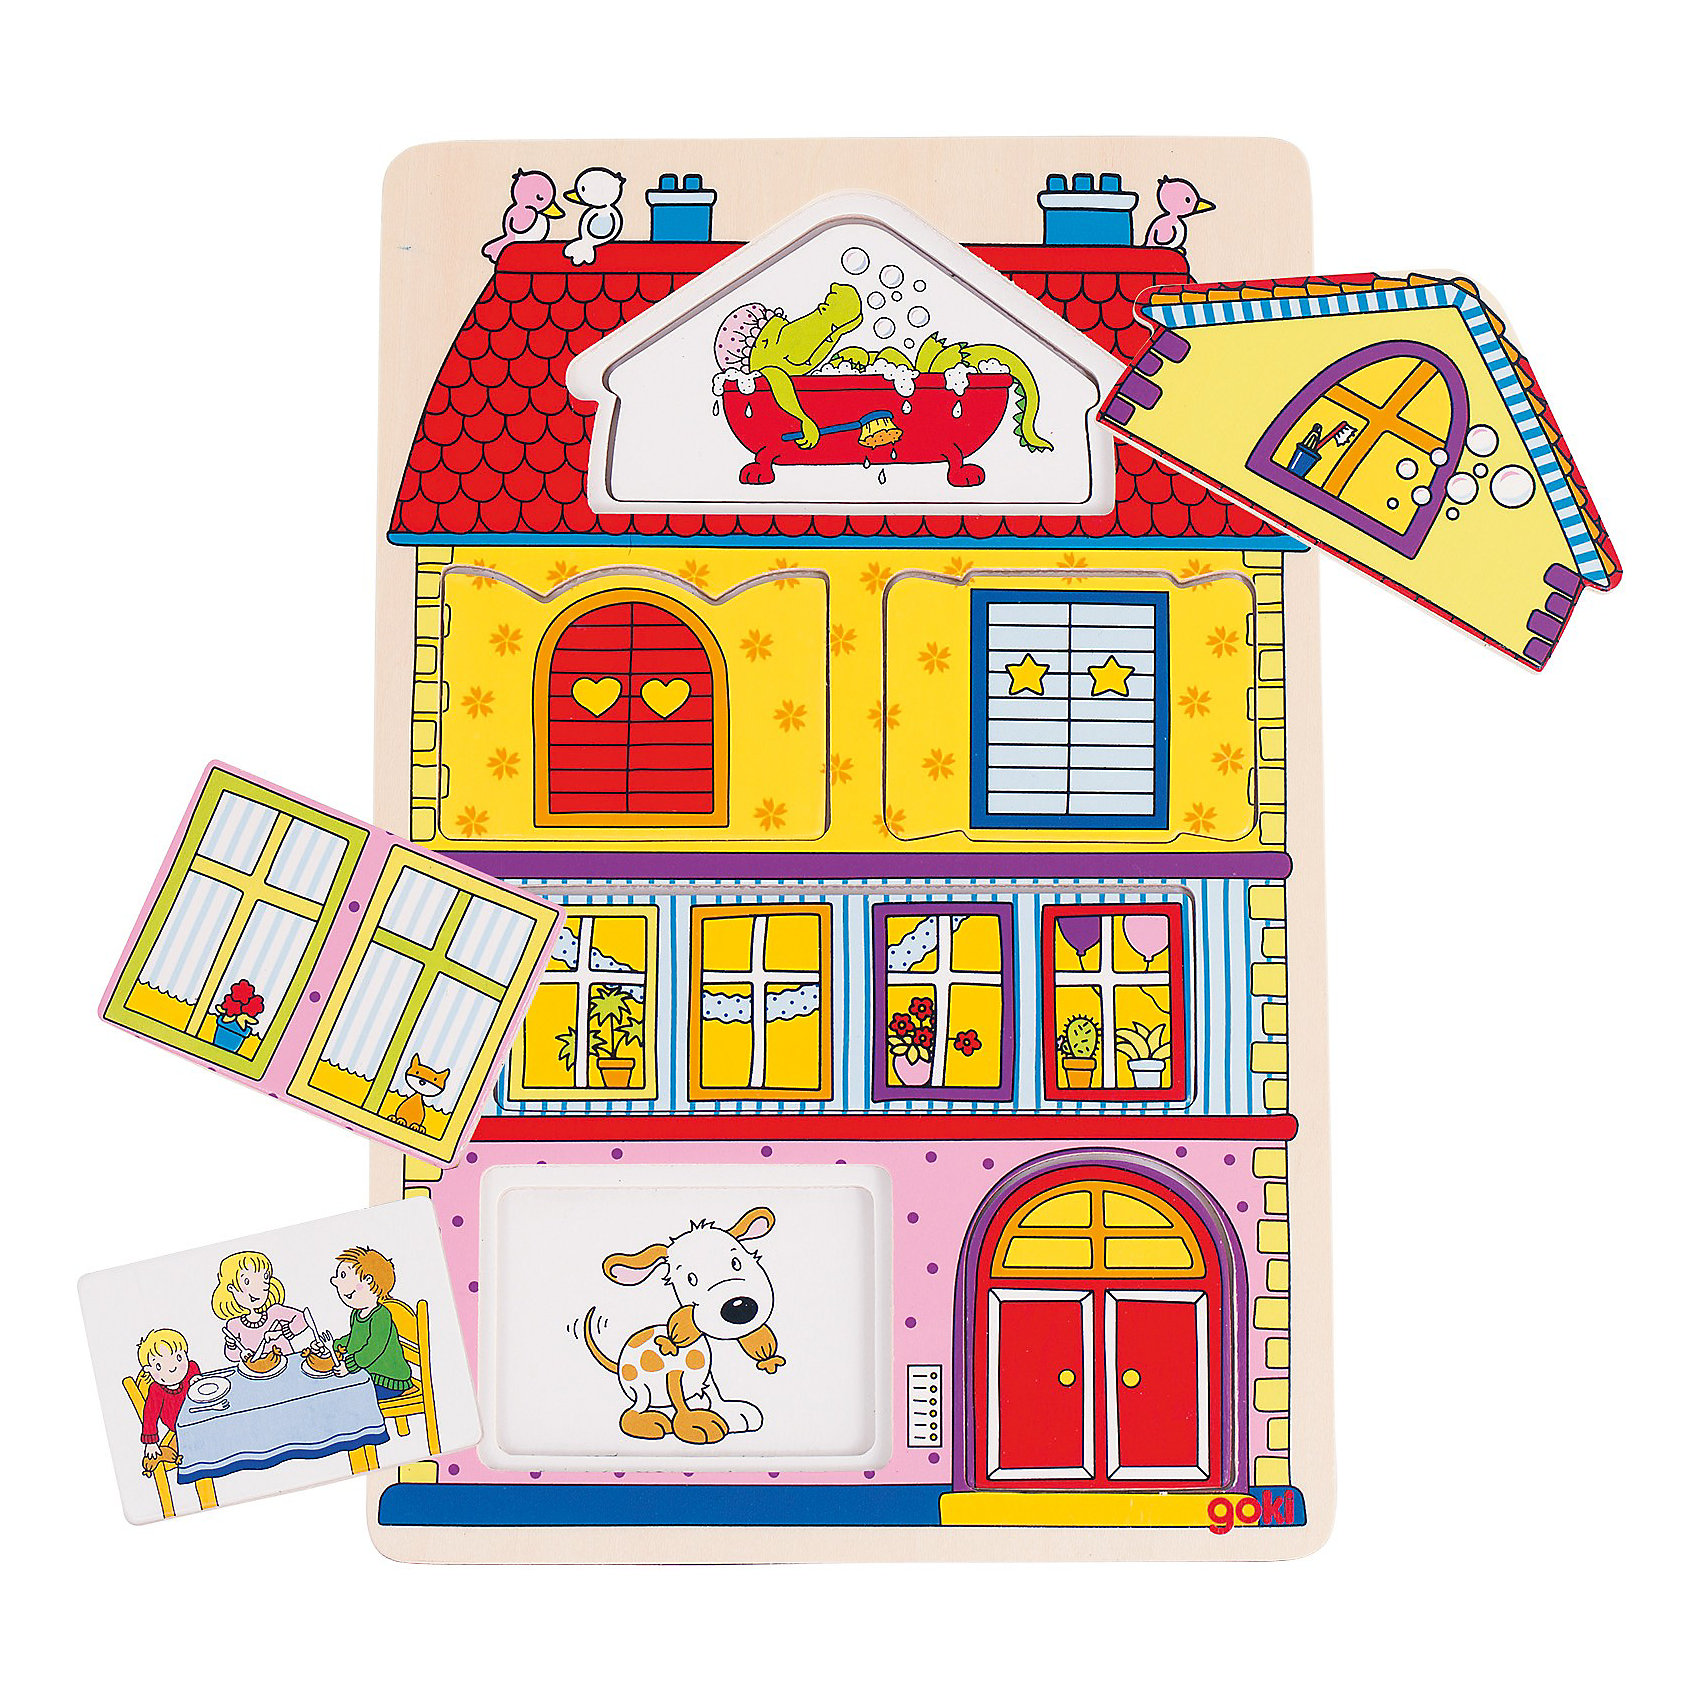 Пазл трехслойный Наш дом, gokiДеревянные игры и пазлы<br>Замечательная развивающая игрушка-загадка и, одновременно  пазл, наглядно рассказывает  ребенку о домашней жизни. Части пазла составляются только в определенном порядке. Это поможет ребенку в случае с затруднениями в угадывании правильного ответа. Игра развивает речь, память, моторику ребенка, расширяет кругозор. Пазл выполнен из натурального дерева, раскрашен нетоксичными красками на водной основе.<br><br>Дополнительная информация:<br><br>- 12 элементов.<br>- Материал: дерево.<br>- Размер: 19,5 х 29,5 см.<br>- Цвет: разноцветный.<br><br>Пазл трёхслойный Наш дом GOKI (Гоки) можно купить в нашем магазине.<br><br>Ширина мм: 195<br>Глубина мм: 295<br>Высота мм: 100<br>Вес г: 450<br>Возраст от месяцев: 24<br>Возраст до месяцев: 60<br>Пол: Унисекс<br>Возраст: Детский<br>SKU: 3876016